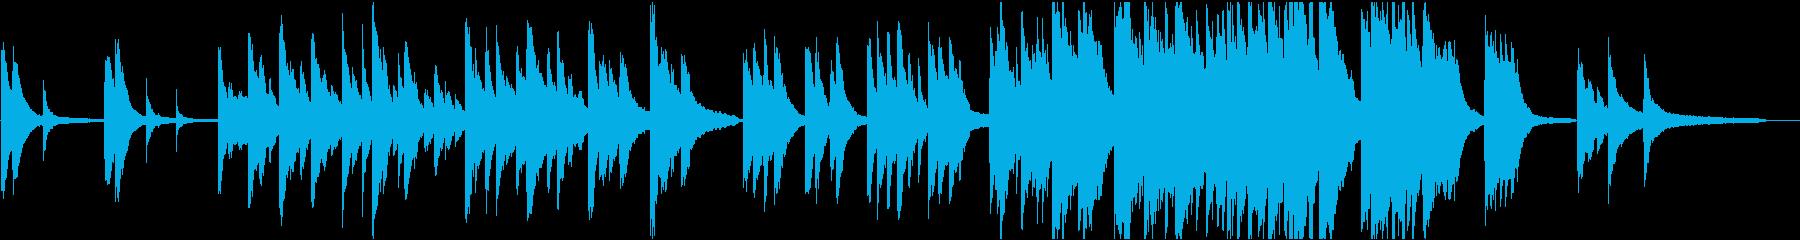 企業VP18 16bit48kHzVerの再生済みの波形